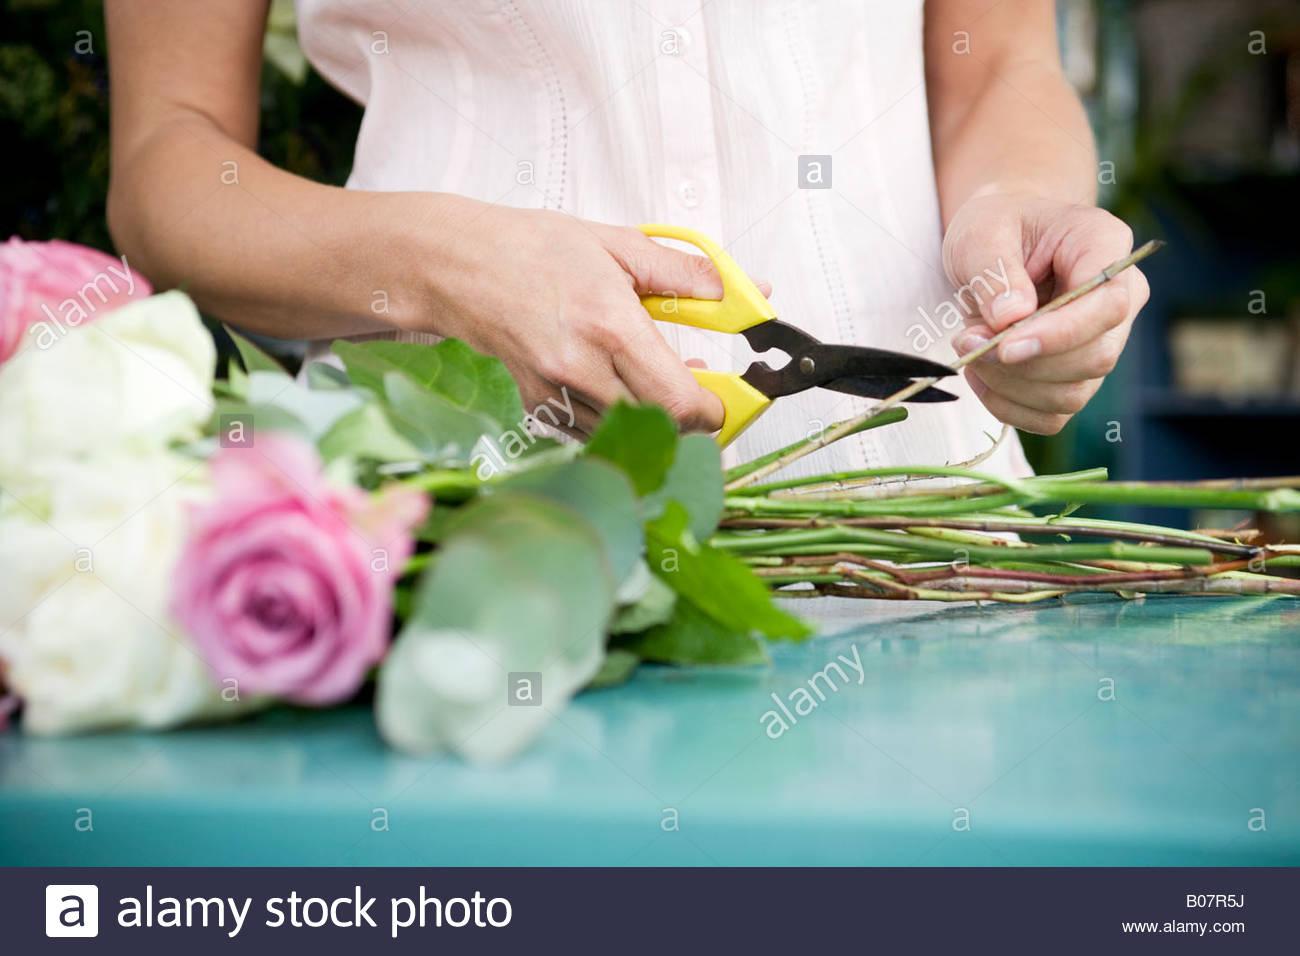 Woman's hands attachant ensemble un bouquet de roses blanches et roses Photo Stock